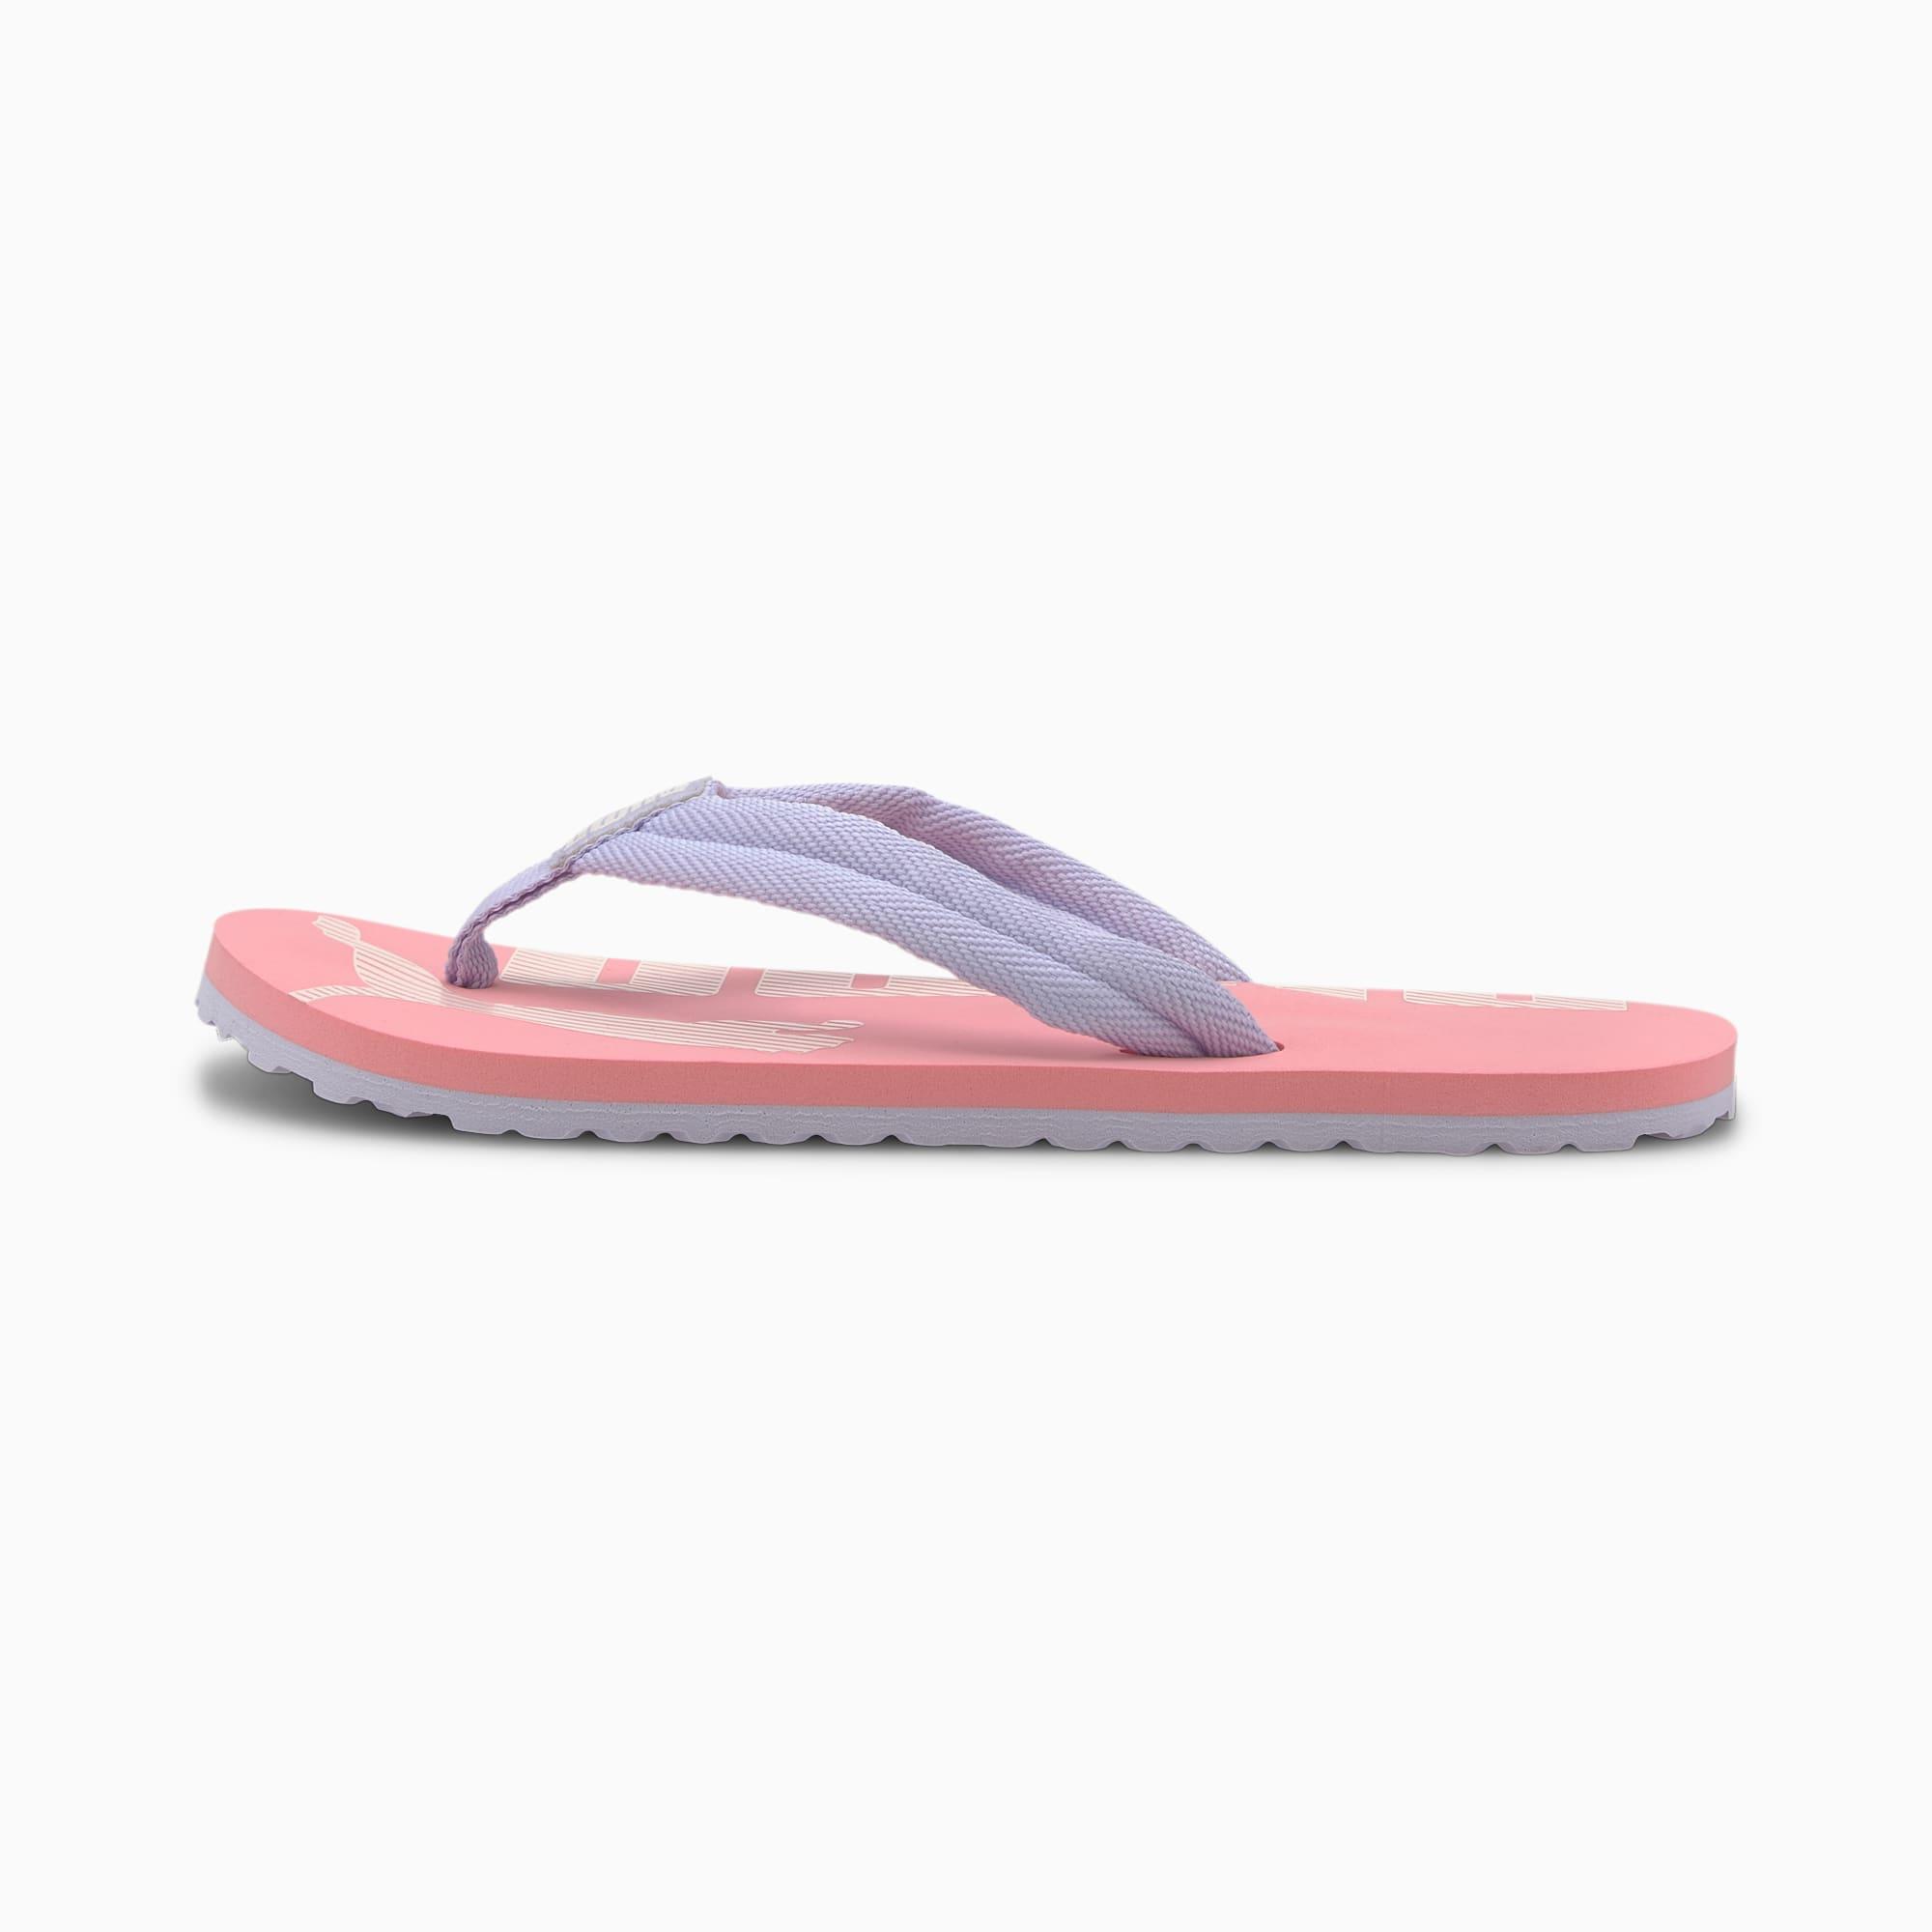 PUMA Tong Epic Flip v2 pour enfant, Violet/Bruyère, Taille 38, Chaussures